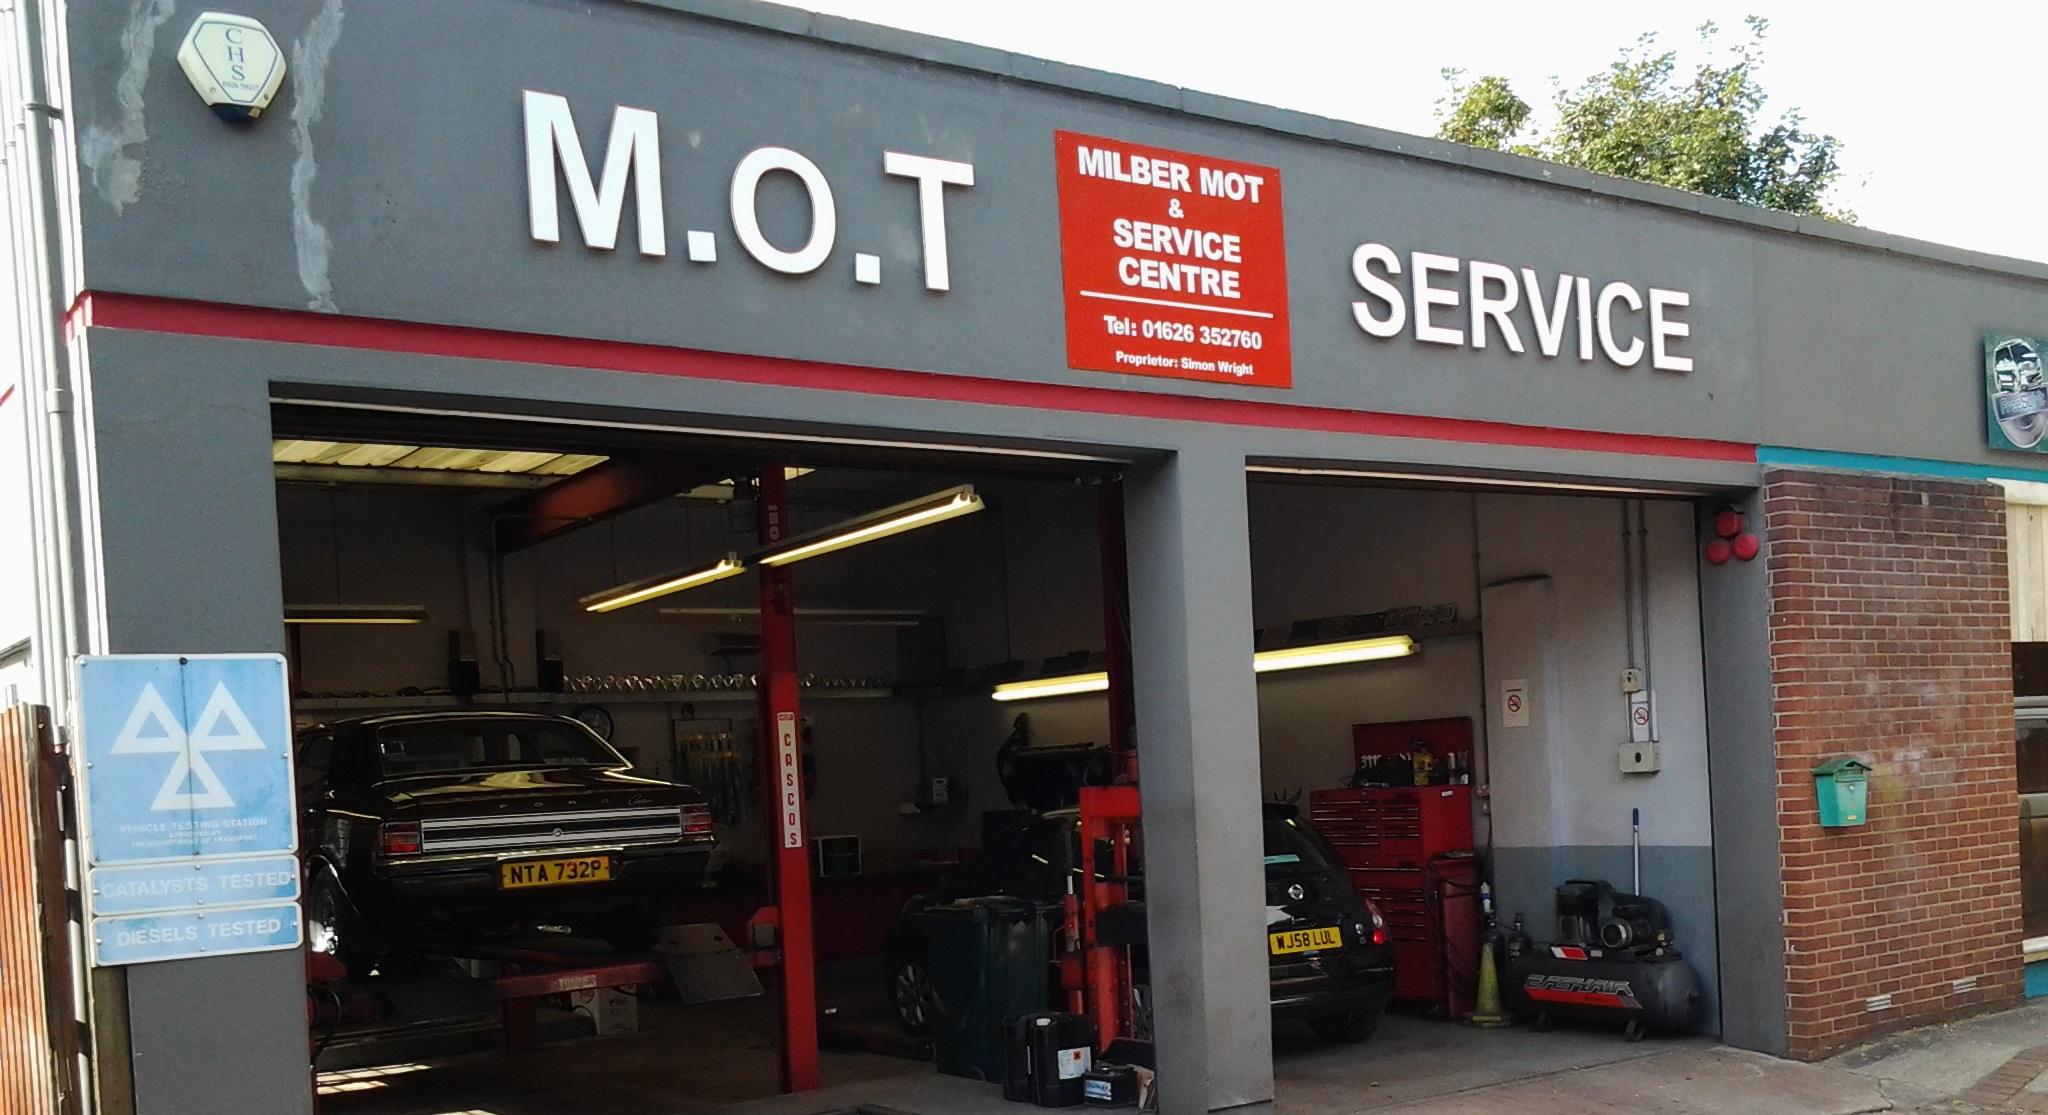 Milber MOT & Service Centre